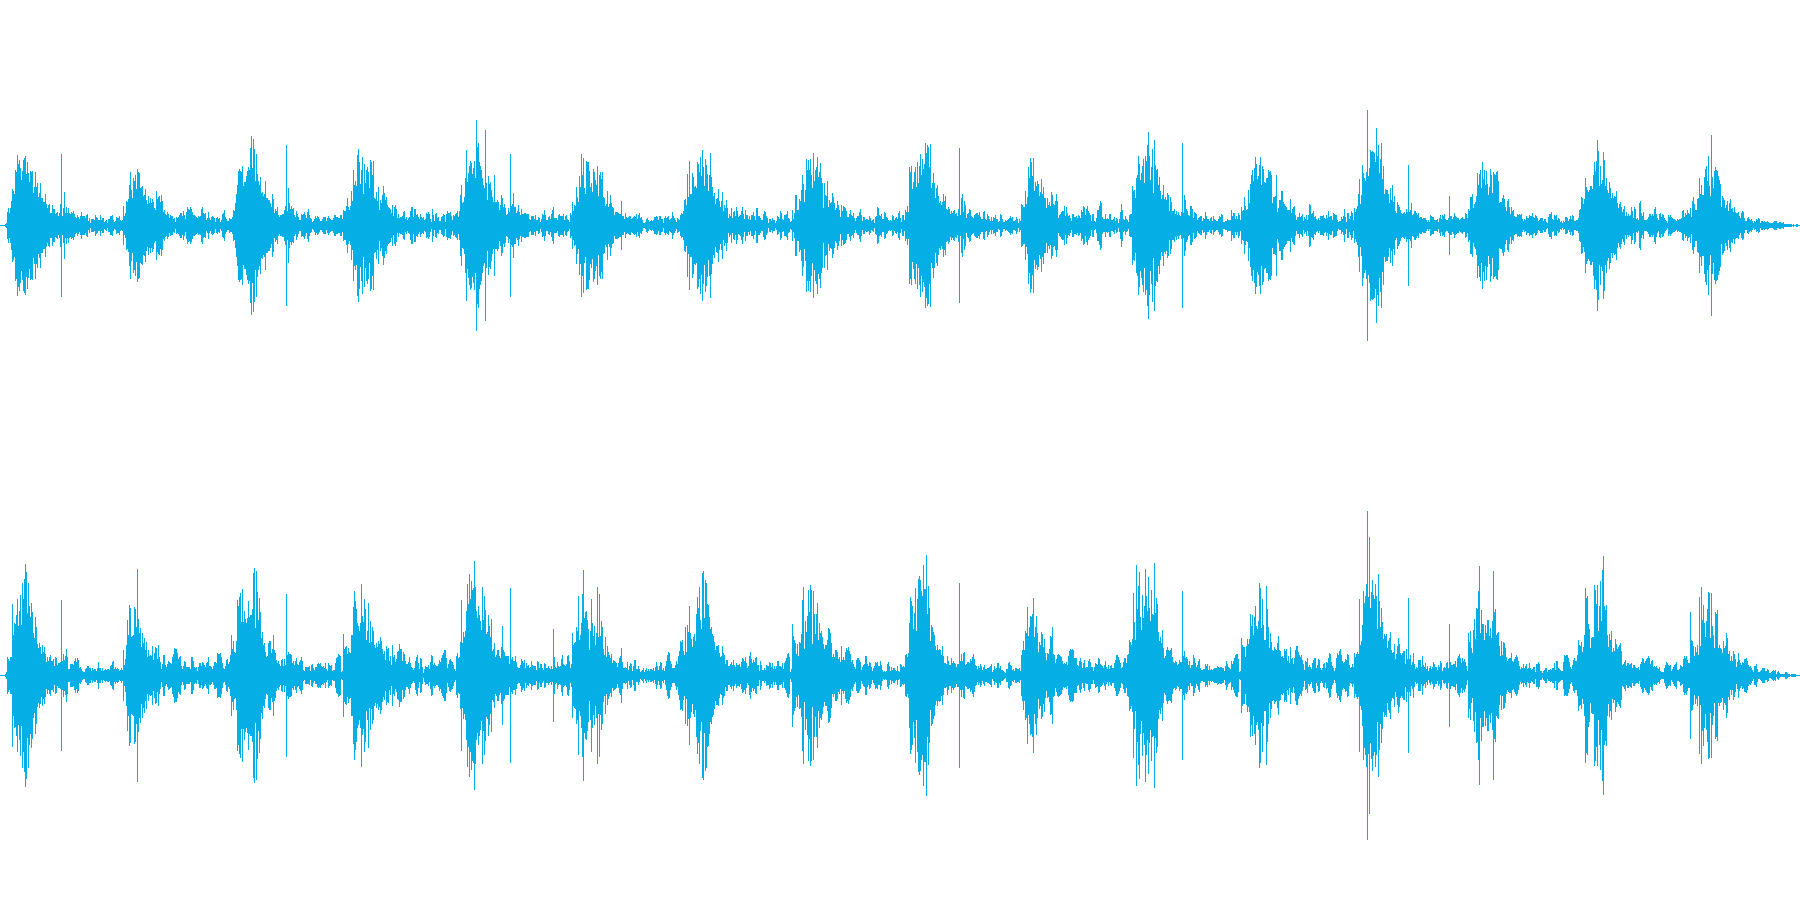 足音 行進の音(軍隊、兵隊、大人数等)4の再生済みの波形